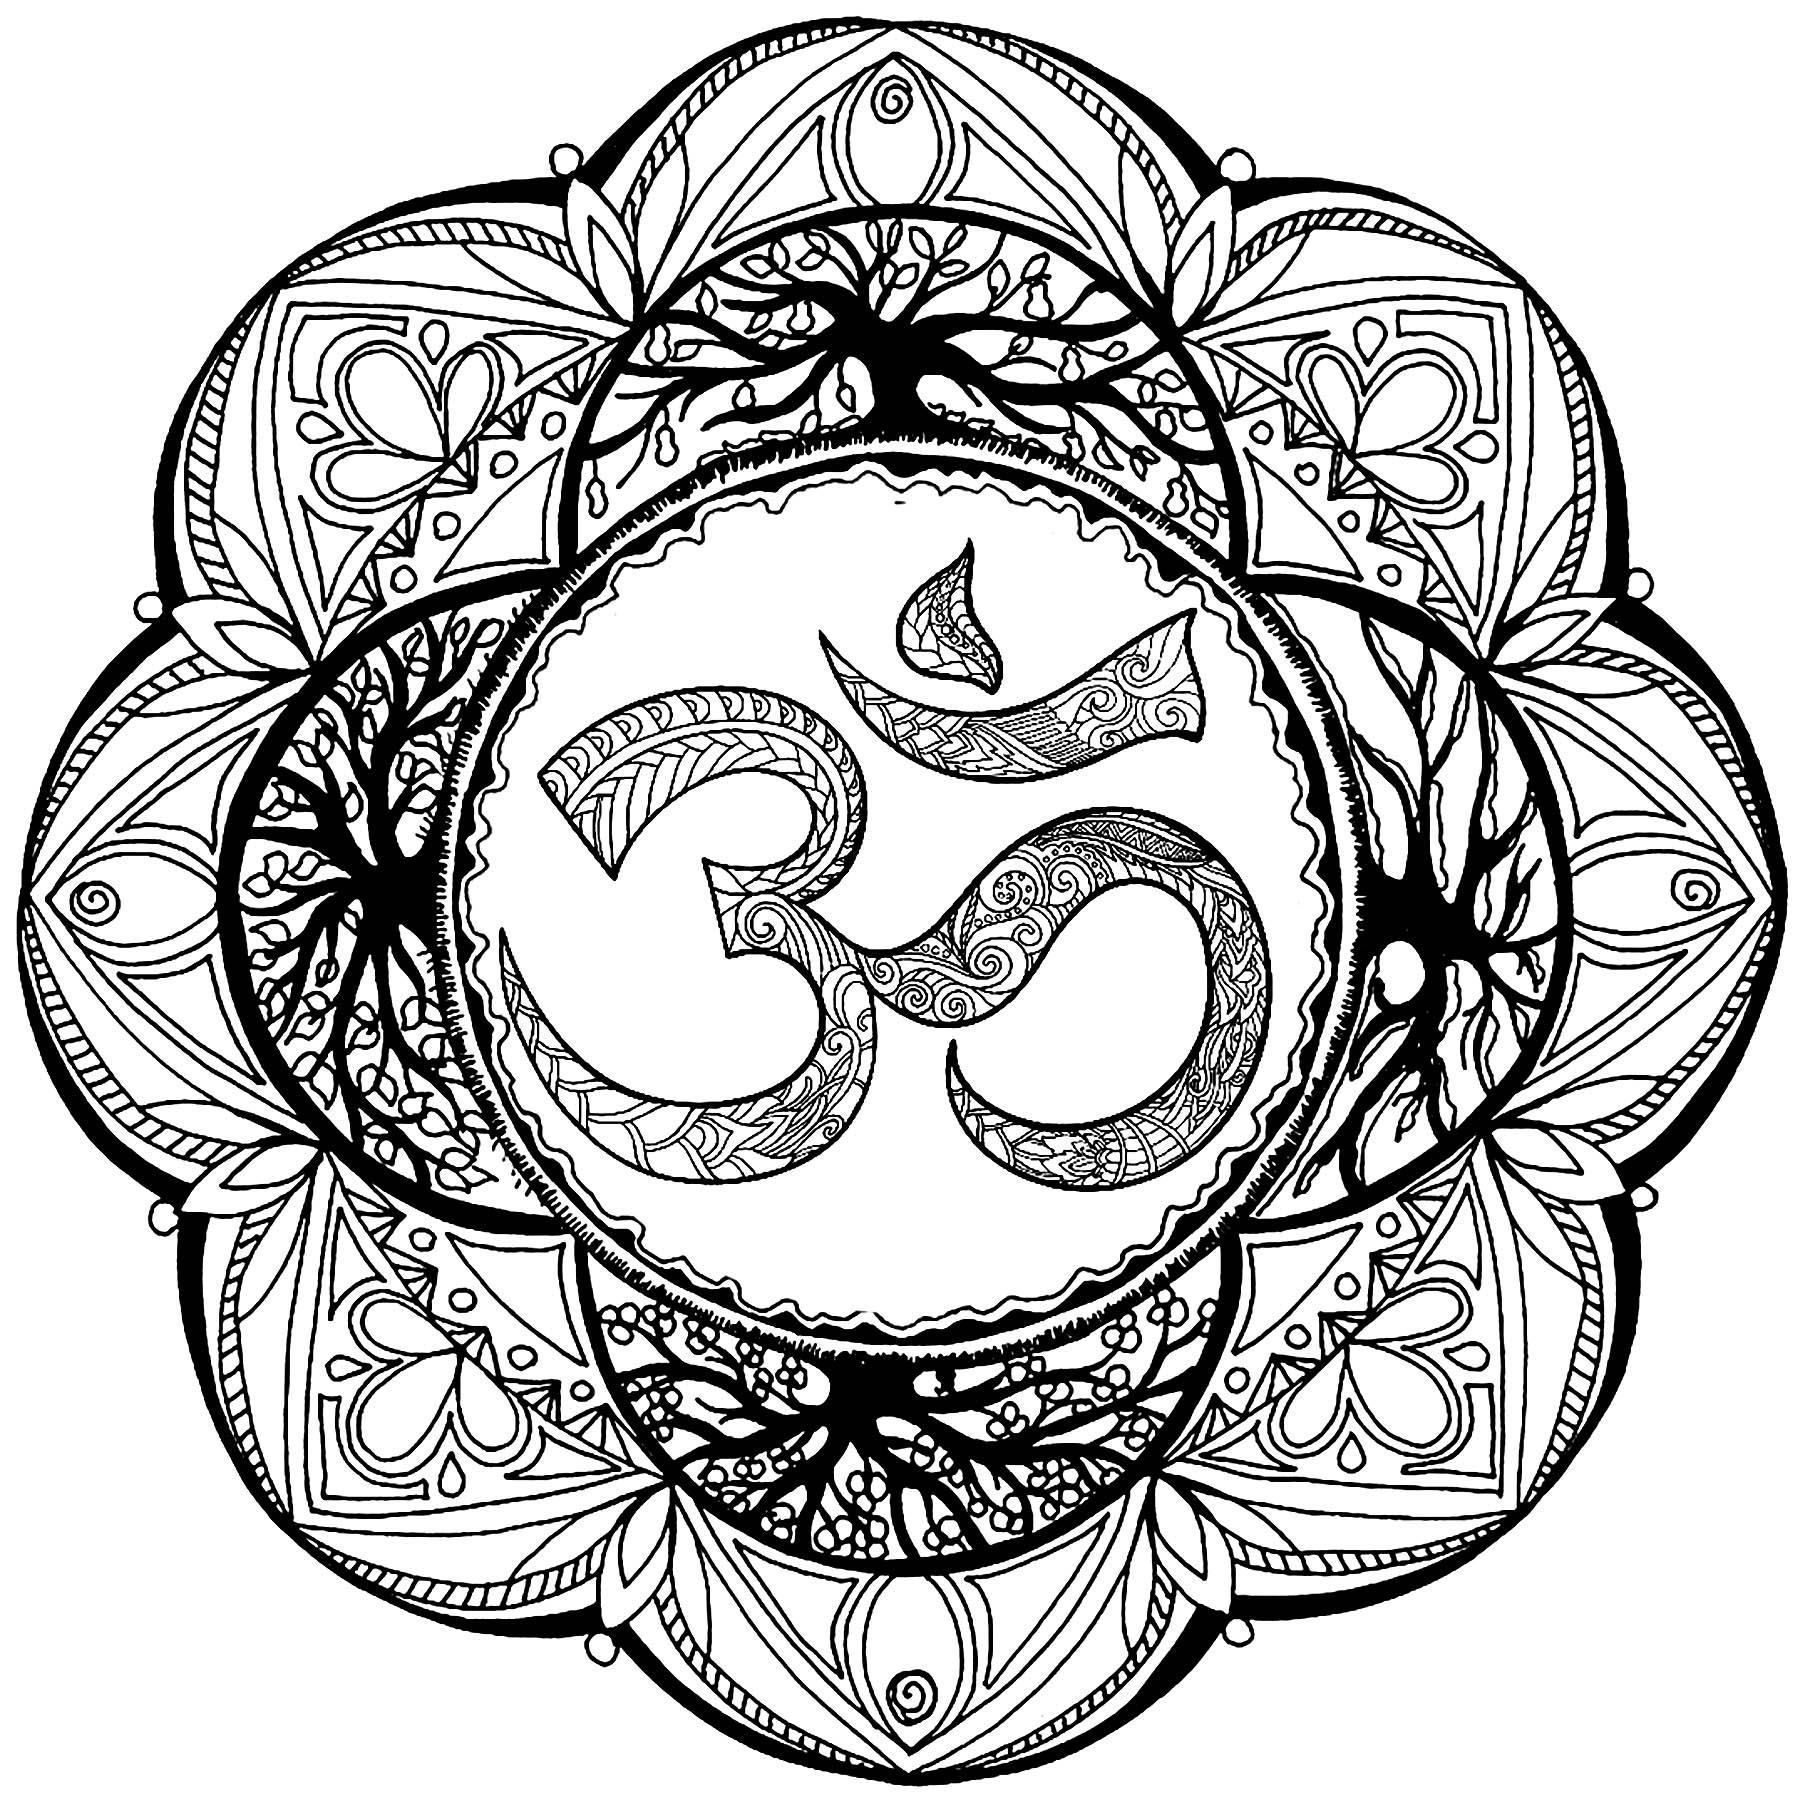 Ce symbole est un des plus sacrés de l'hindouisme : il est utilisé comme préfixe et parfois suffixe aux mantras hindous. Il est considéré comme la vibration primitive divine de l'Univers qui représente toute existence